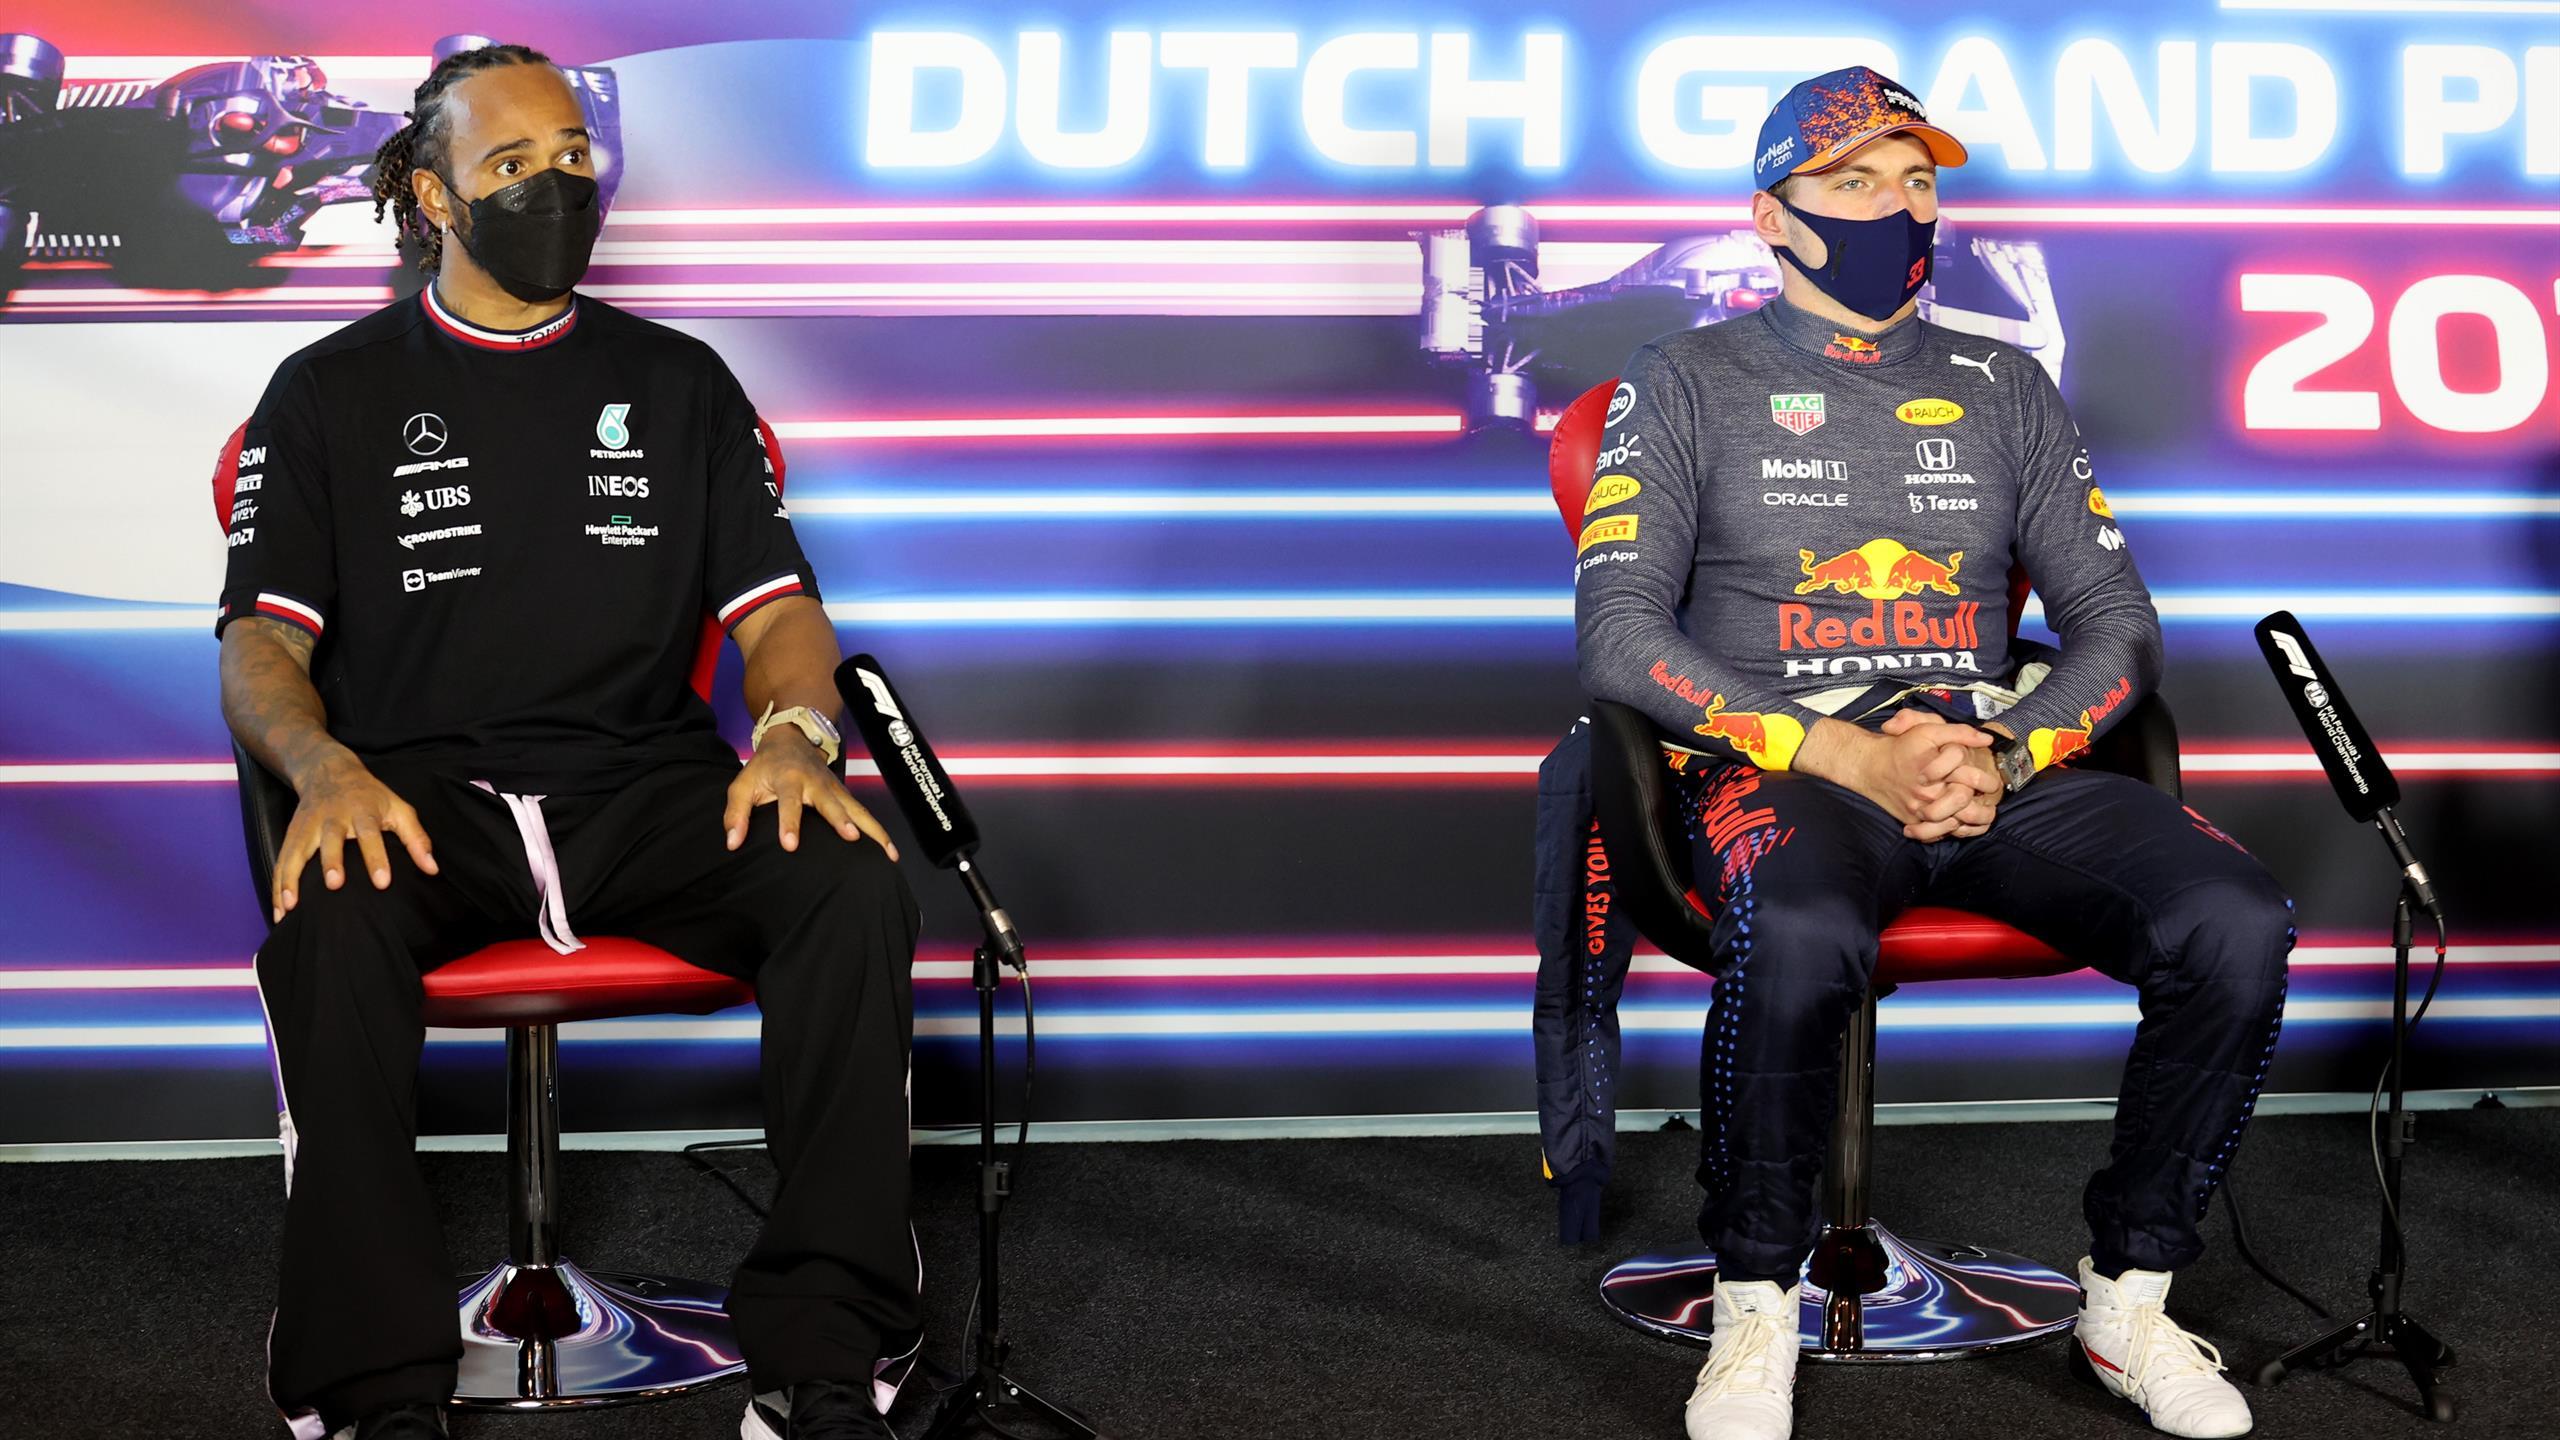 Heves szócsata alakult ki Hamilton és Verstappen között ...